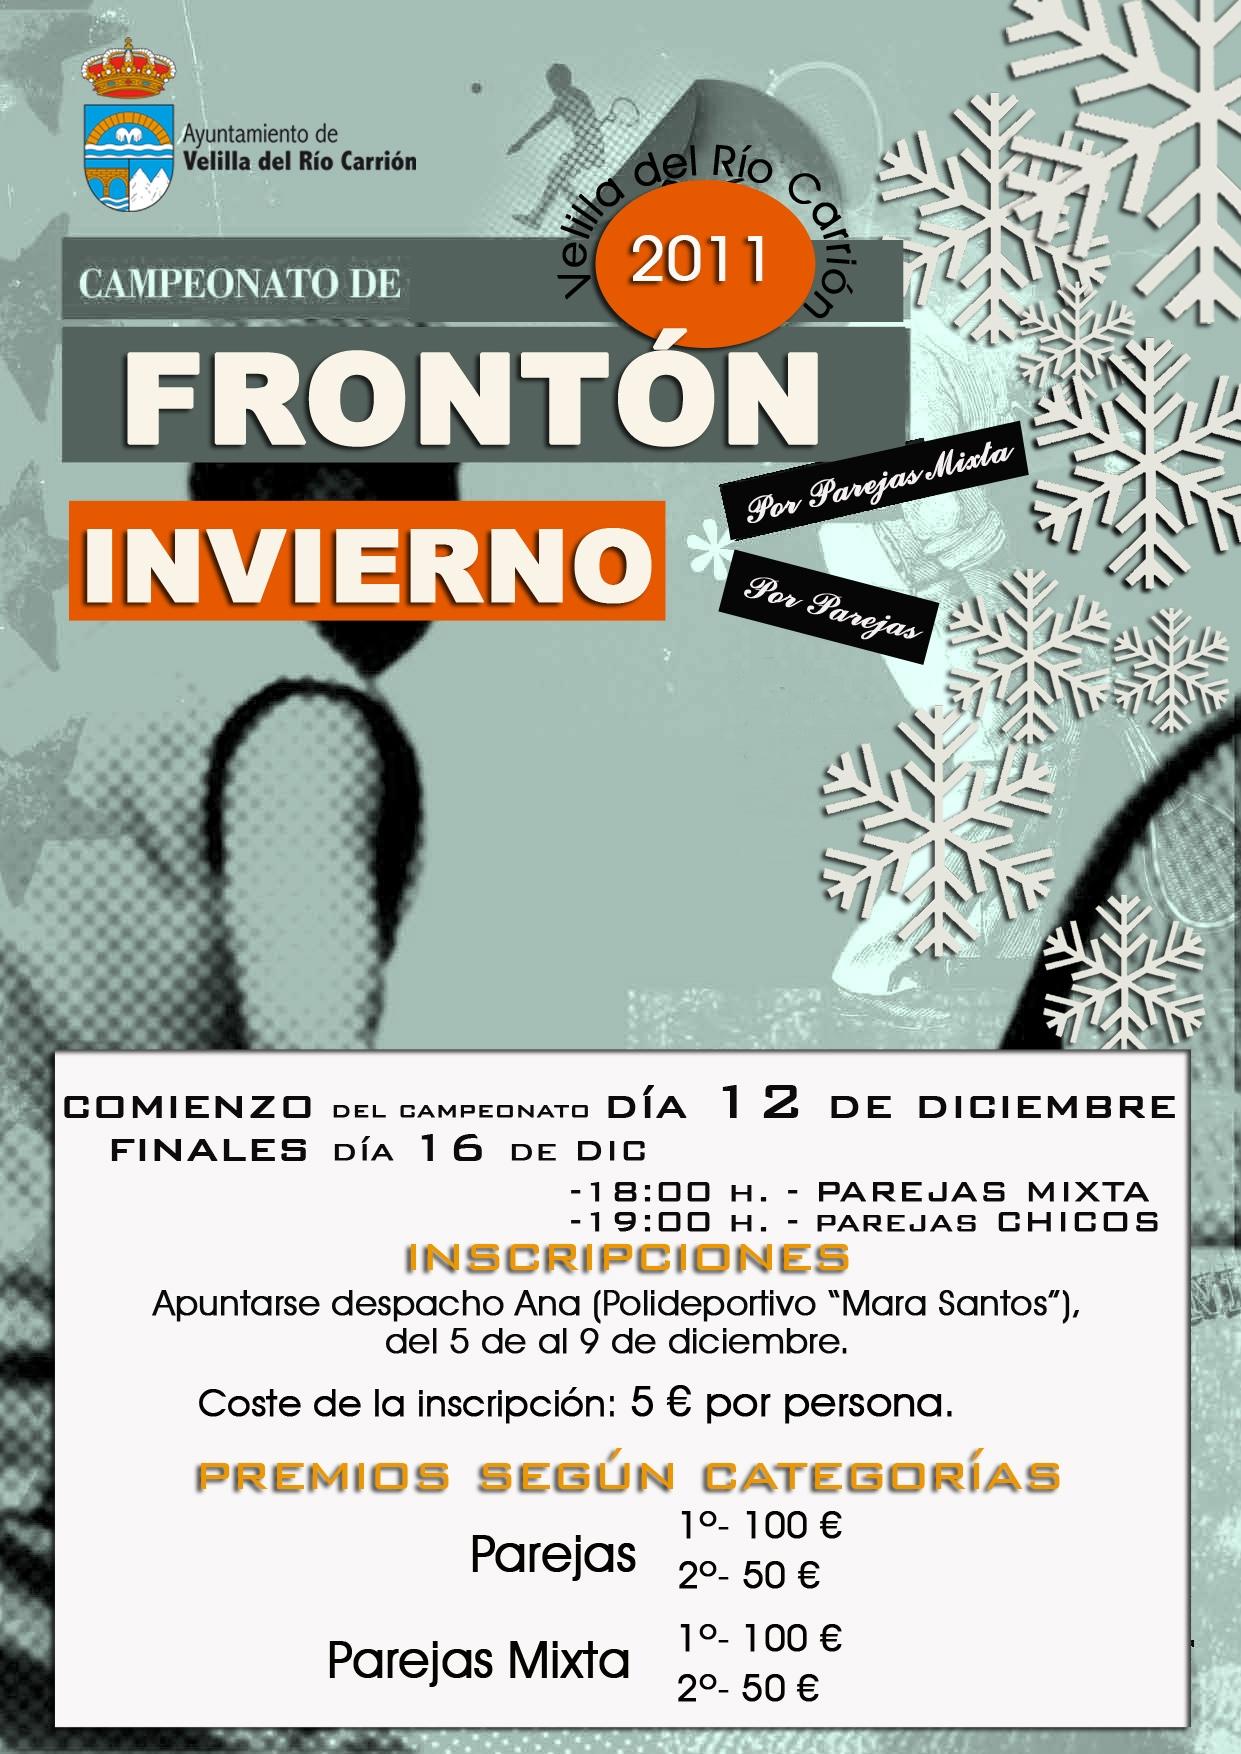 CAMPEONATO DE FRONTÓN DE INVIERNO 2011